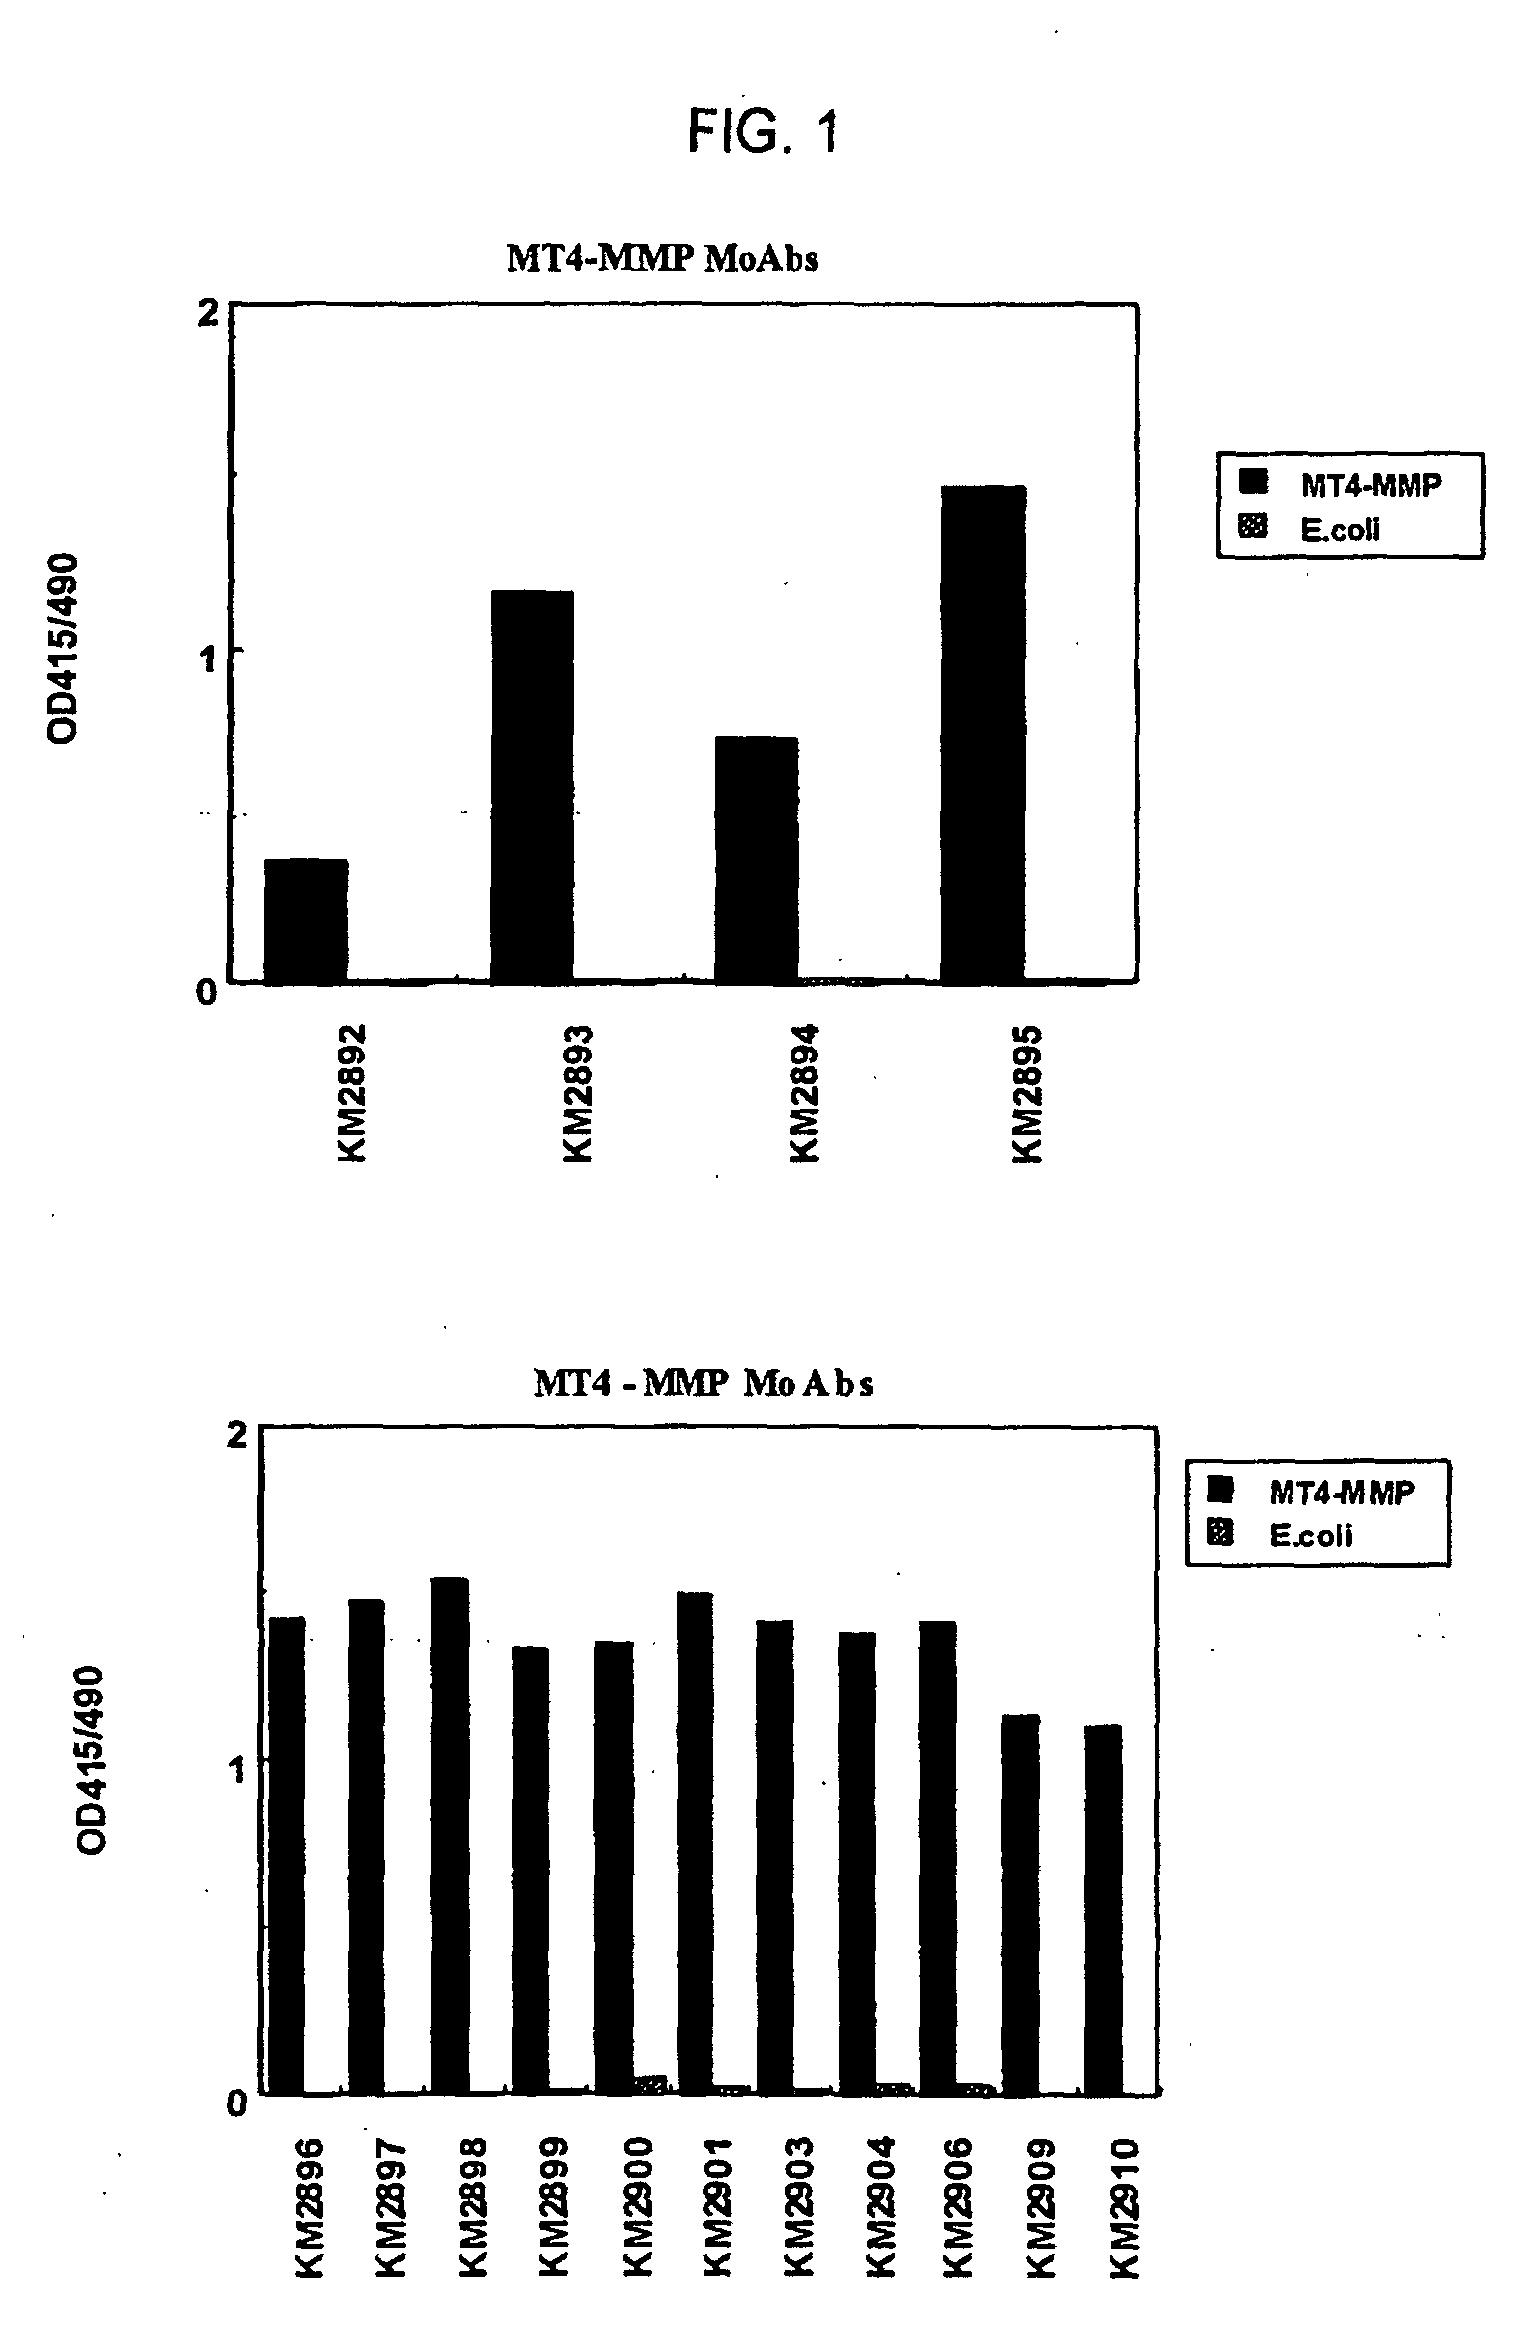 Structure cristalline du domaine de liaison aux récepteurs du coronavirus respiratoire NL63 complexé avec son récepteur humain